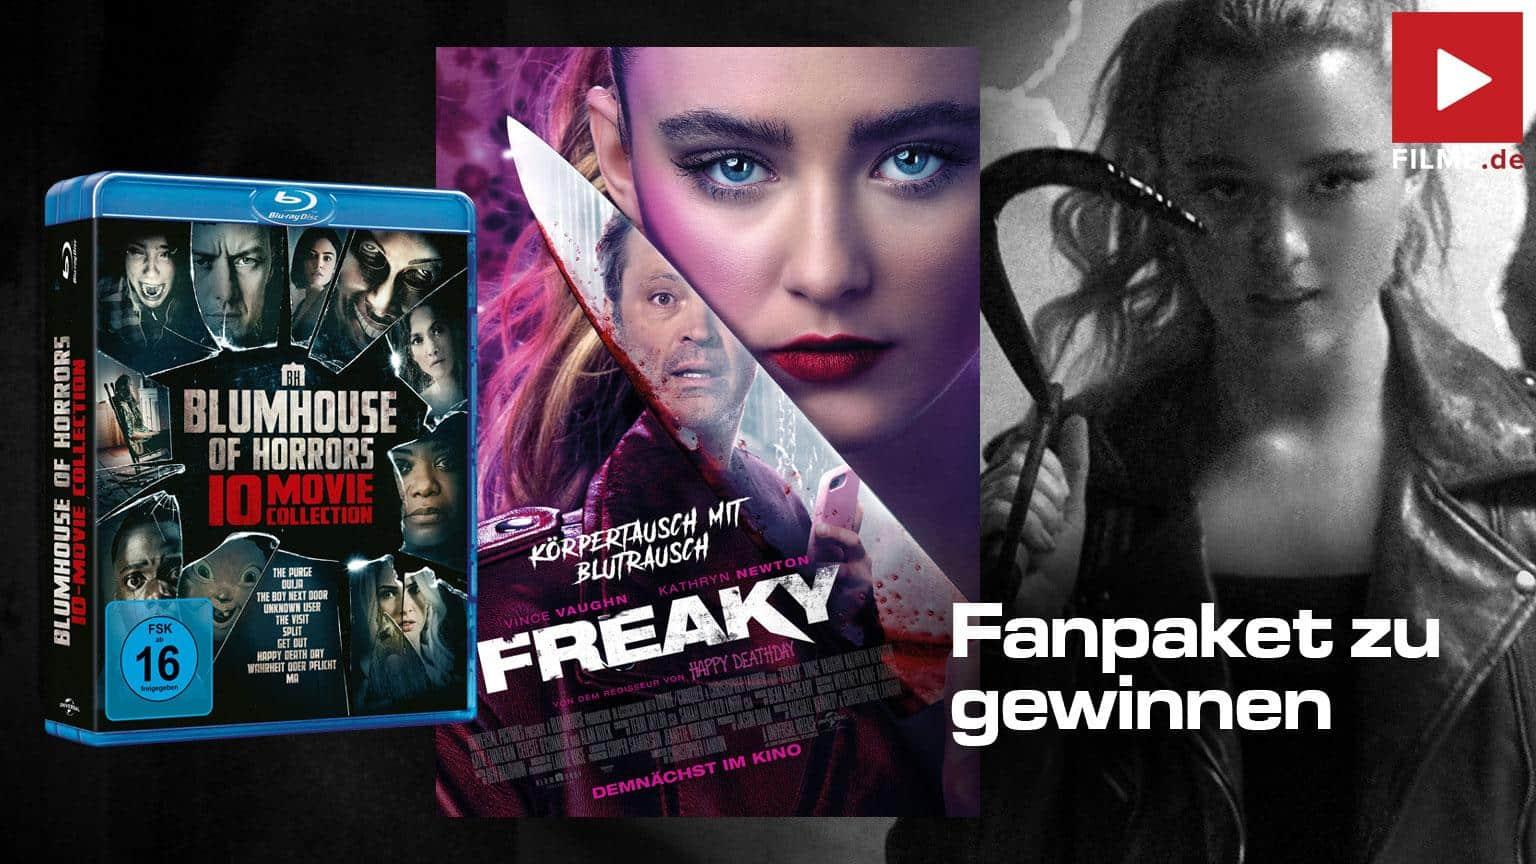 Freaky Film 2020 Kino Gewinnspiel gewinnen Artikelbild